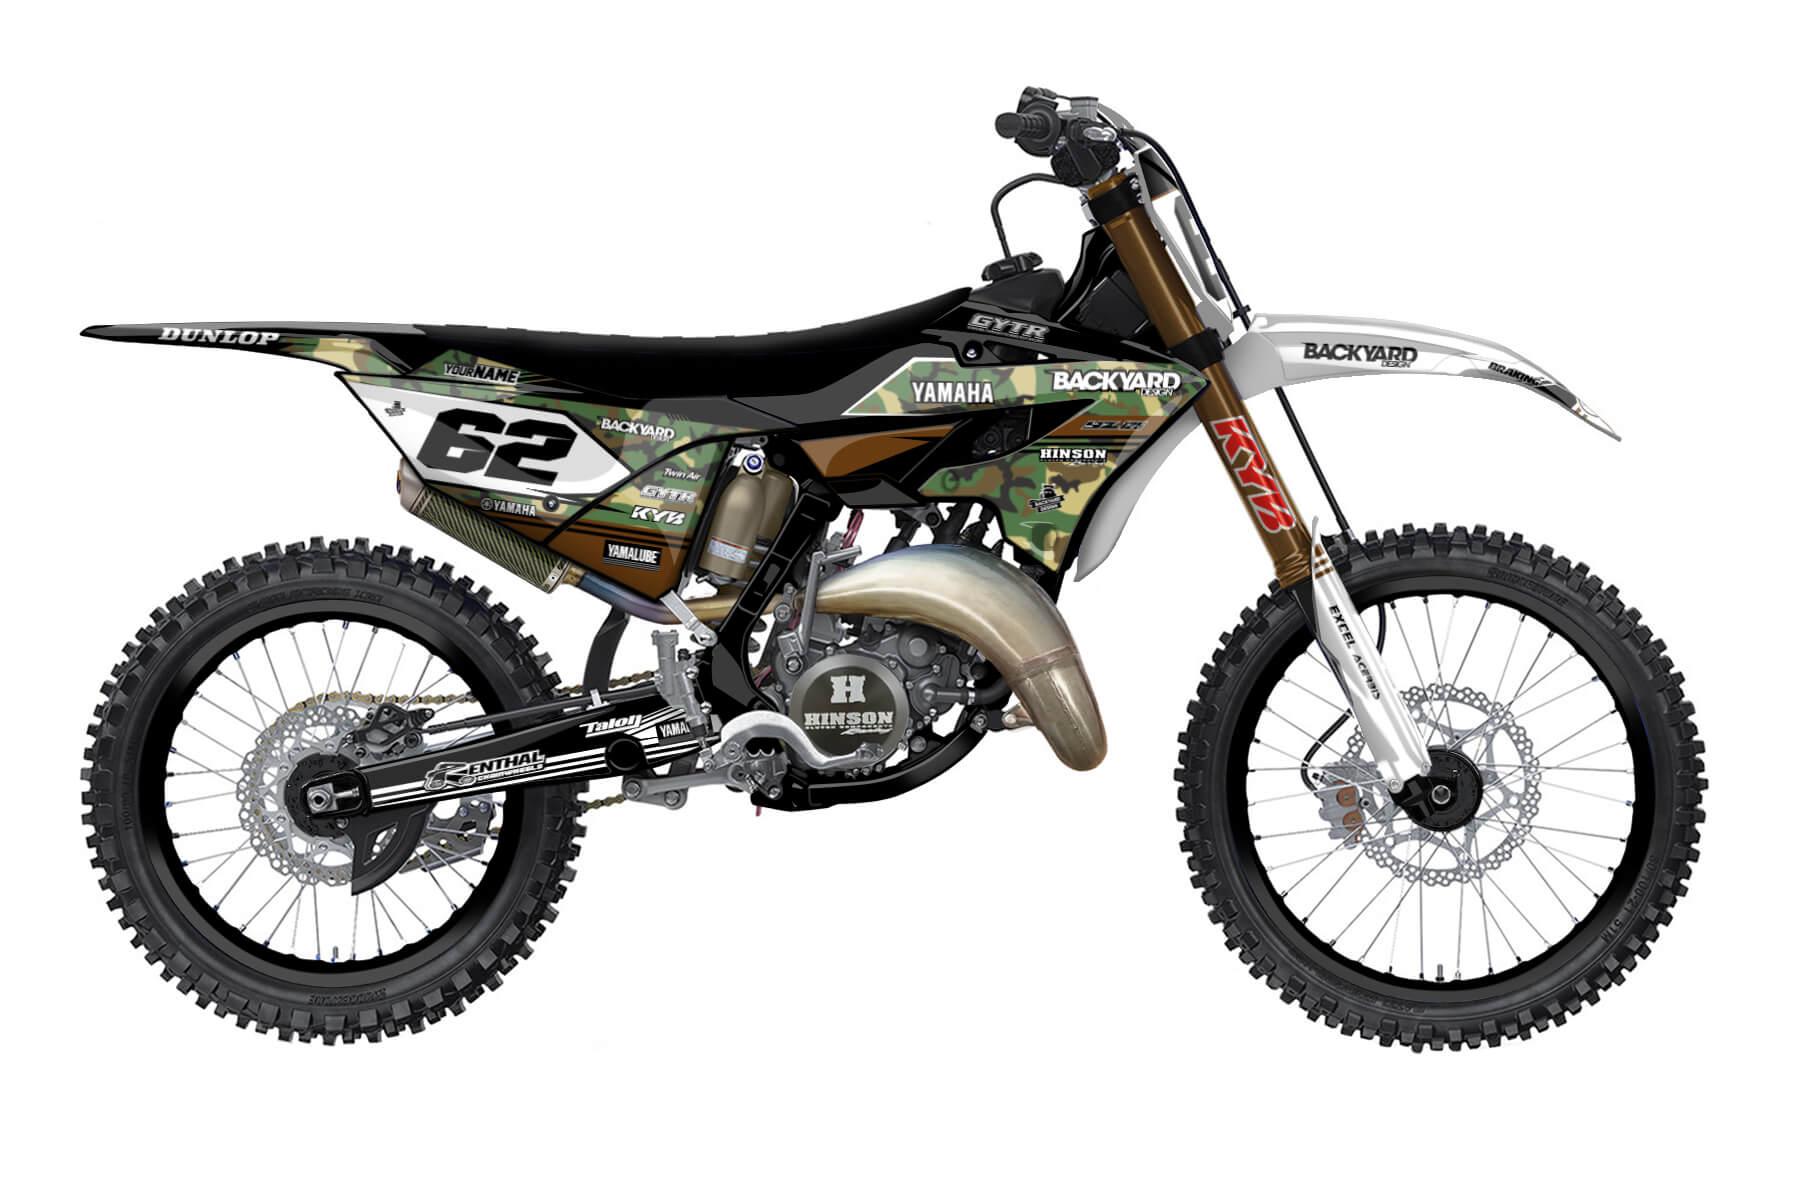 Yamaha YZ 250 - 2022 - Backyard Design - Mx Dekor - Modified Basic